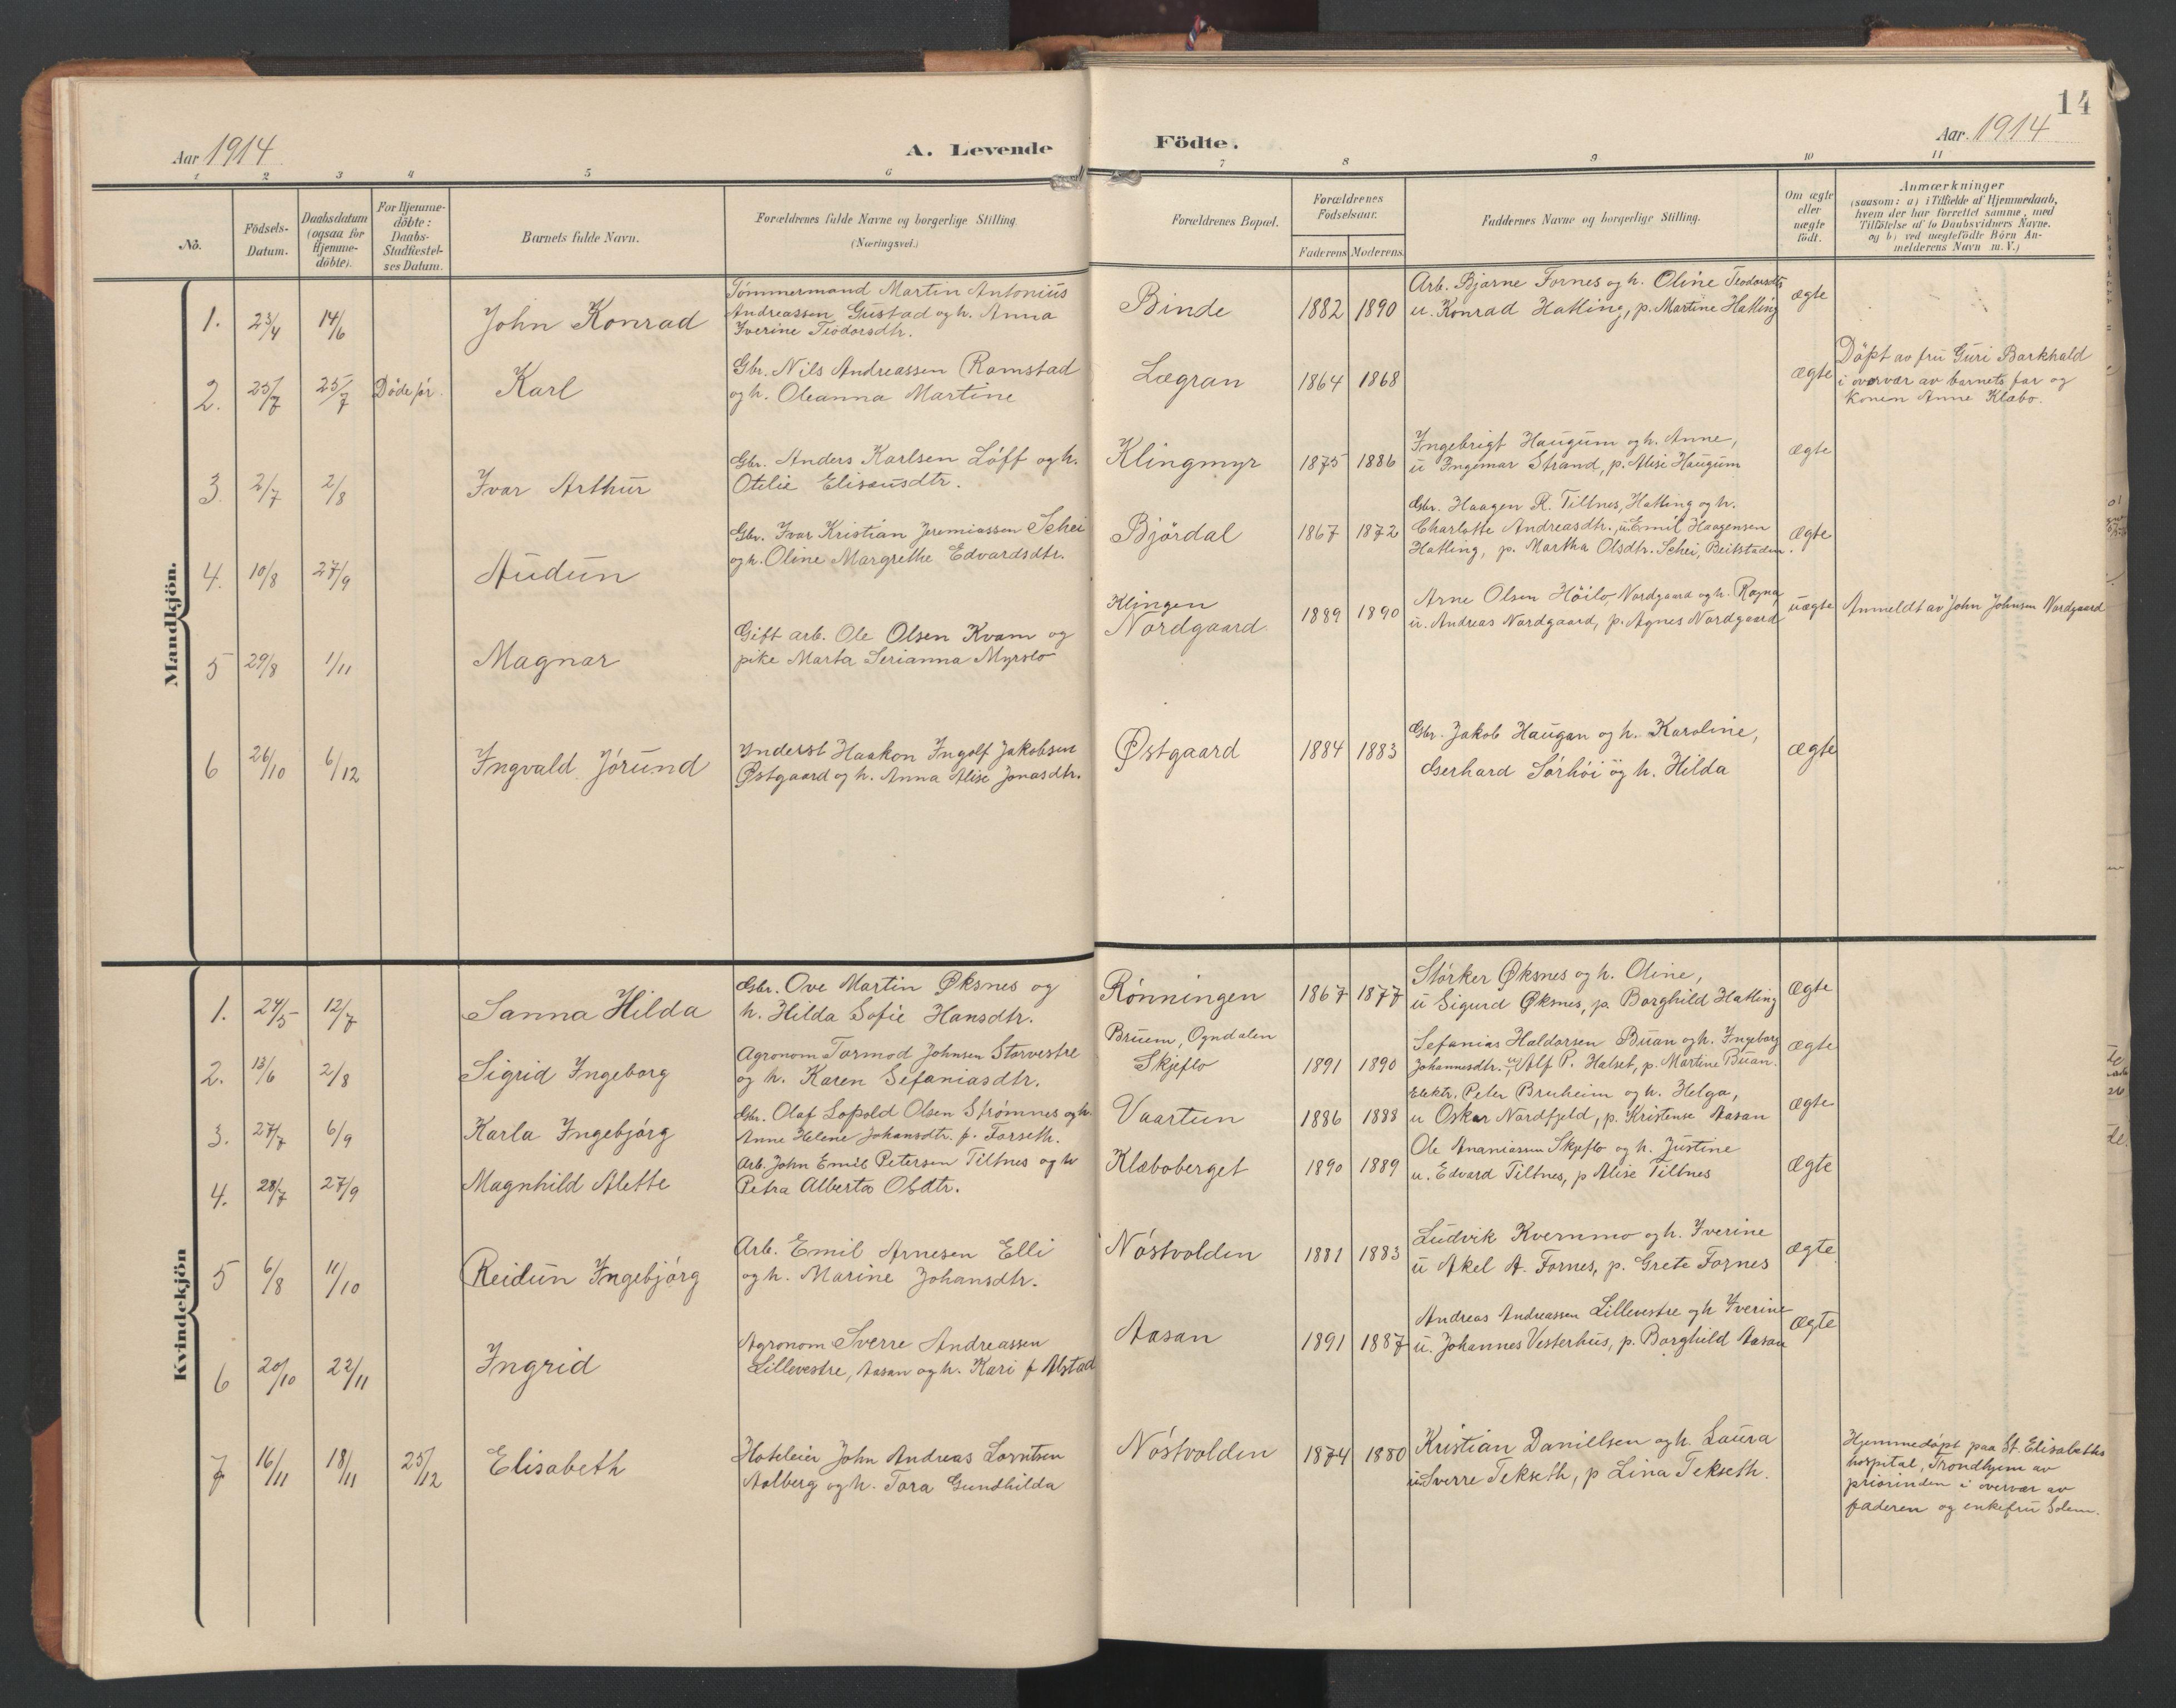 SAT, Ministerialprotokoller, klokkerbøker og fødselsregistre - Nord-Trøndelag, 746/L0455: Klokkerbok nr. 746C01, 1908-1933, s. 14